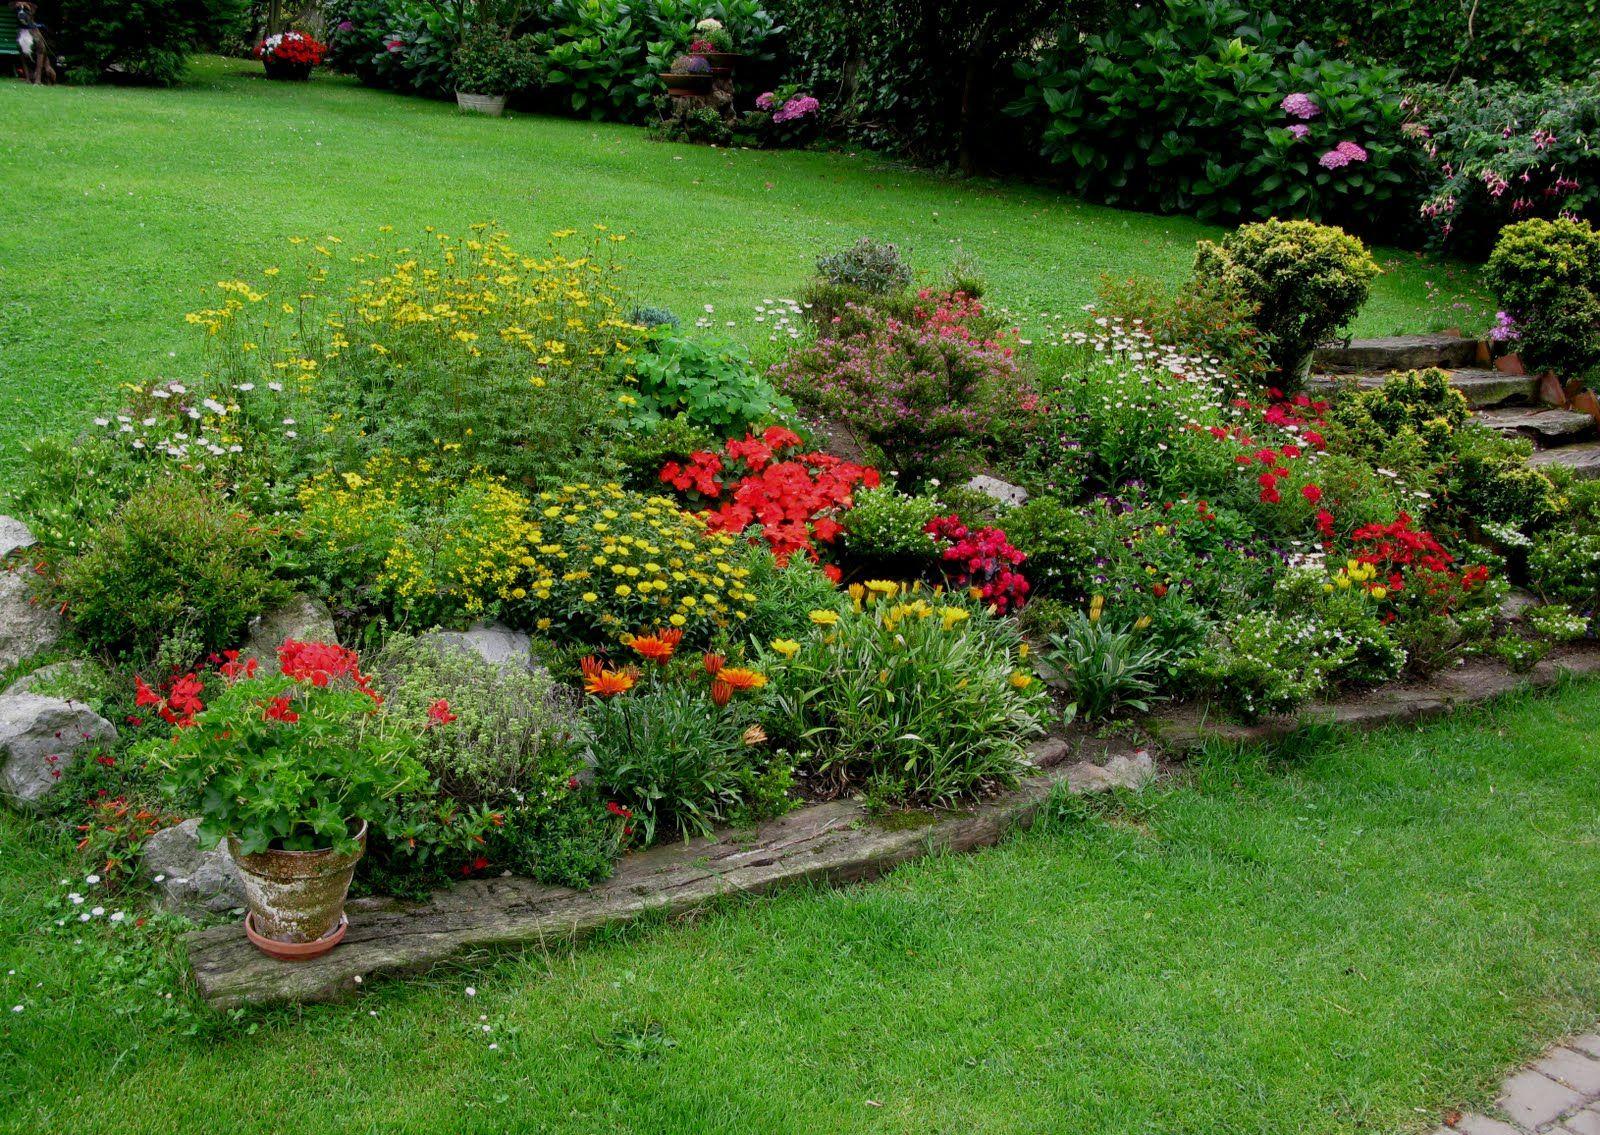 Fotos de jardines con desnivel ped permiso para hacer - Fotos de jardines ...